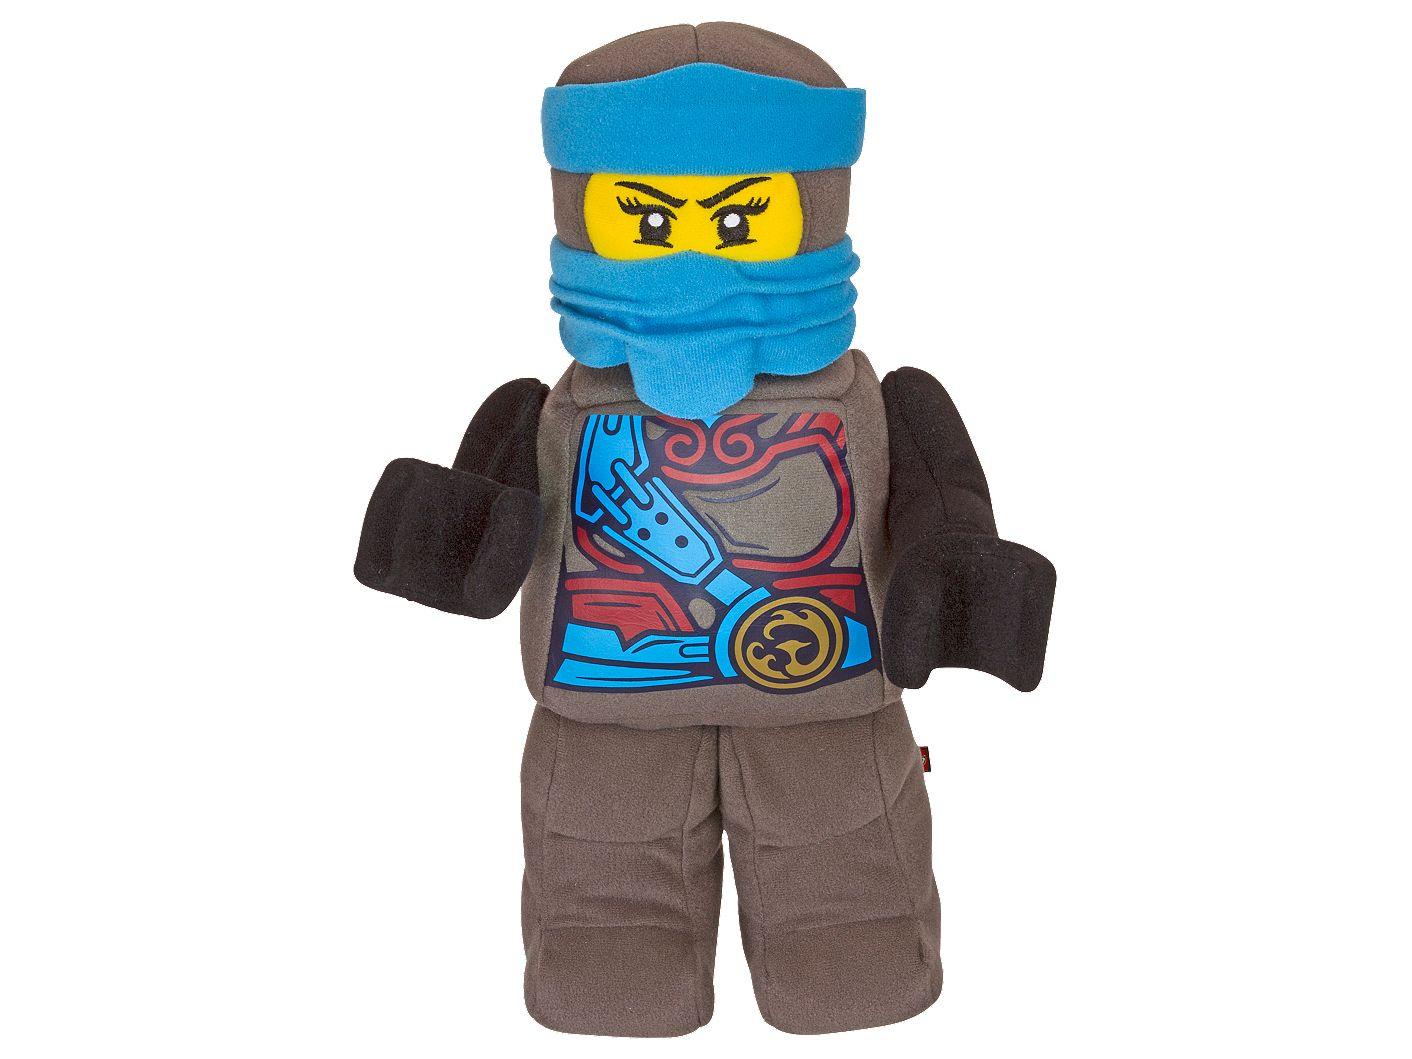 Peluche de minifigura de Nya LEGO® NINJAGO®